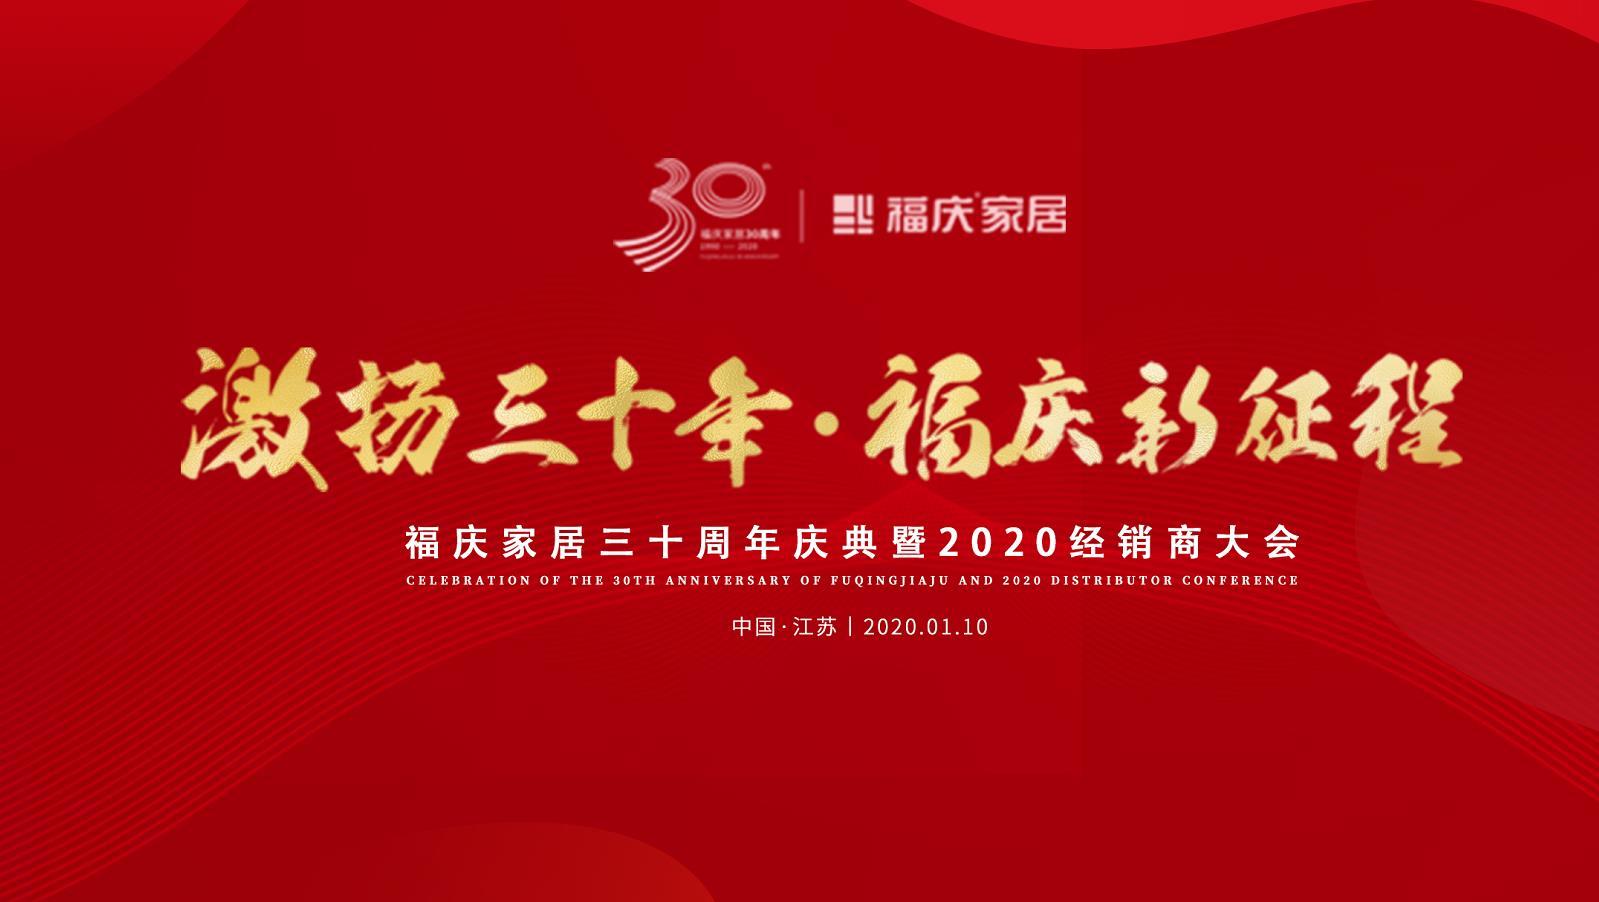 騰訊直播 | 激揚三十年,福慶新征程